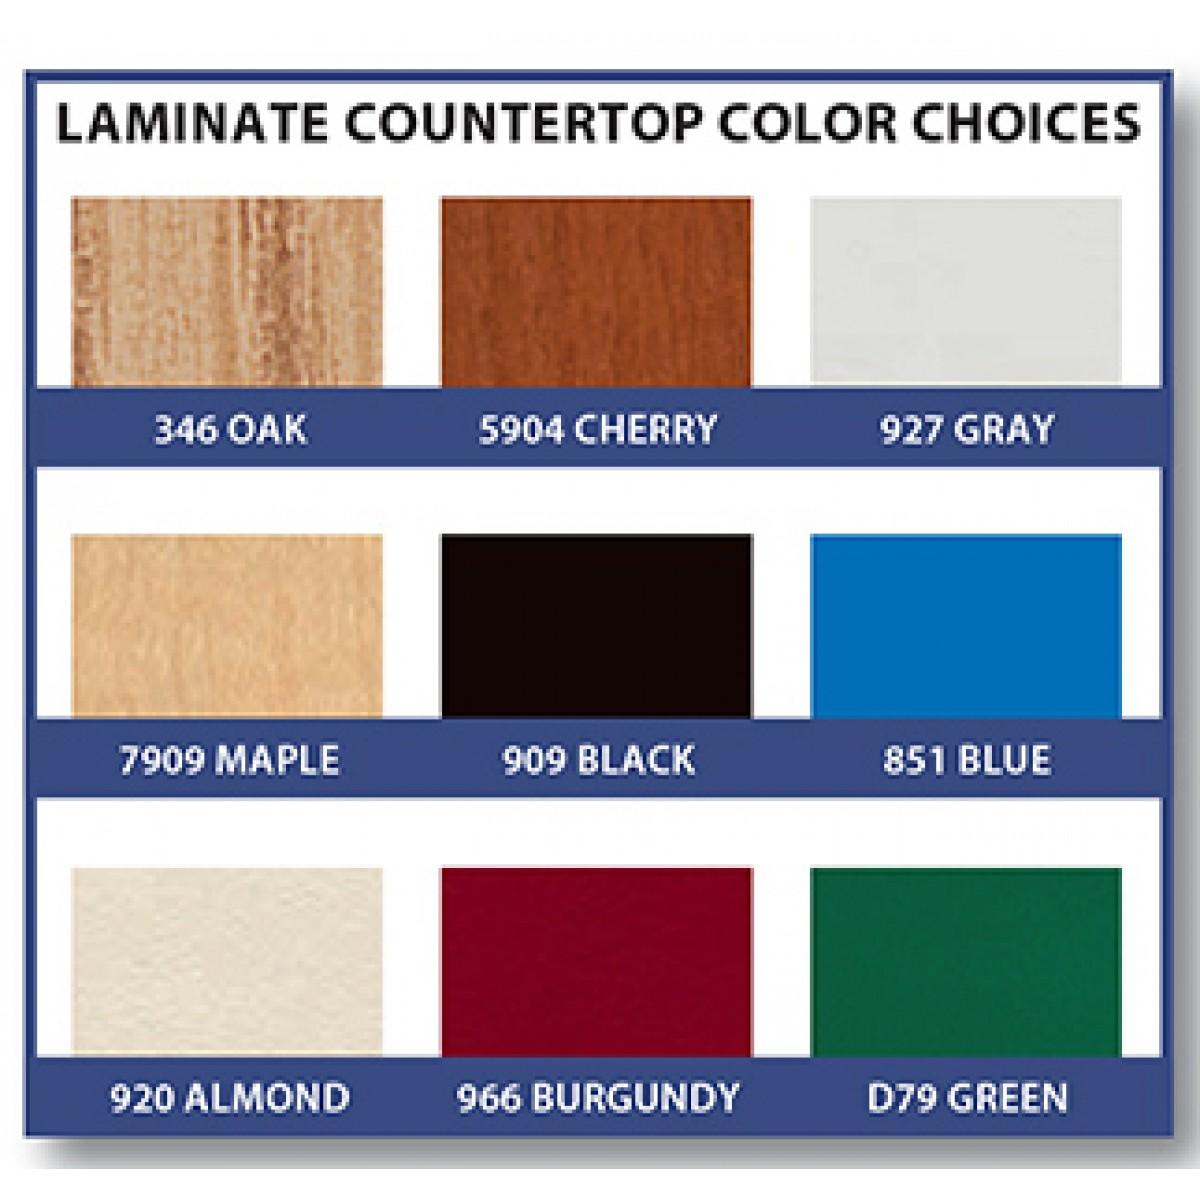 Countertop Color Options : hausmann_cabinet_countertop_color_options_2_1_1_1_1_1_1_1_1_1.jpg